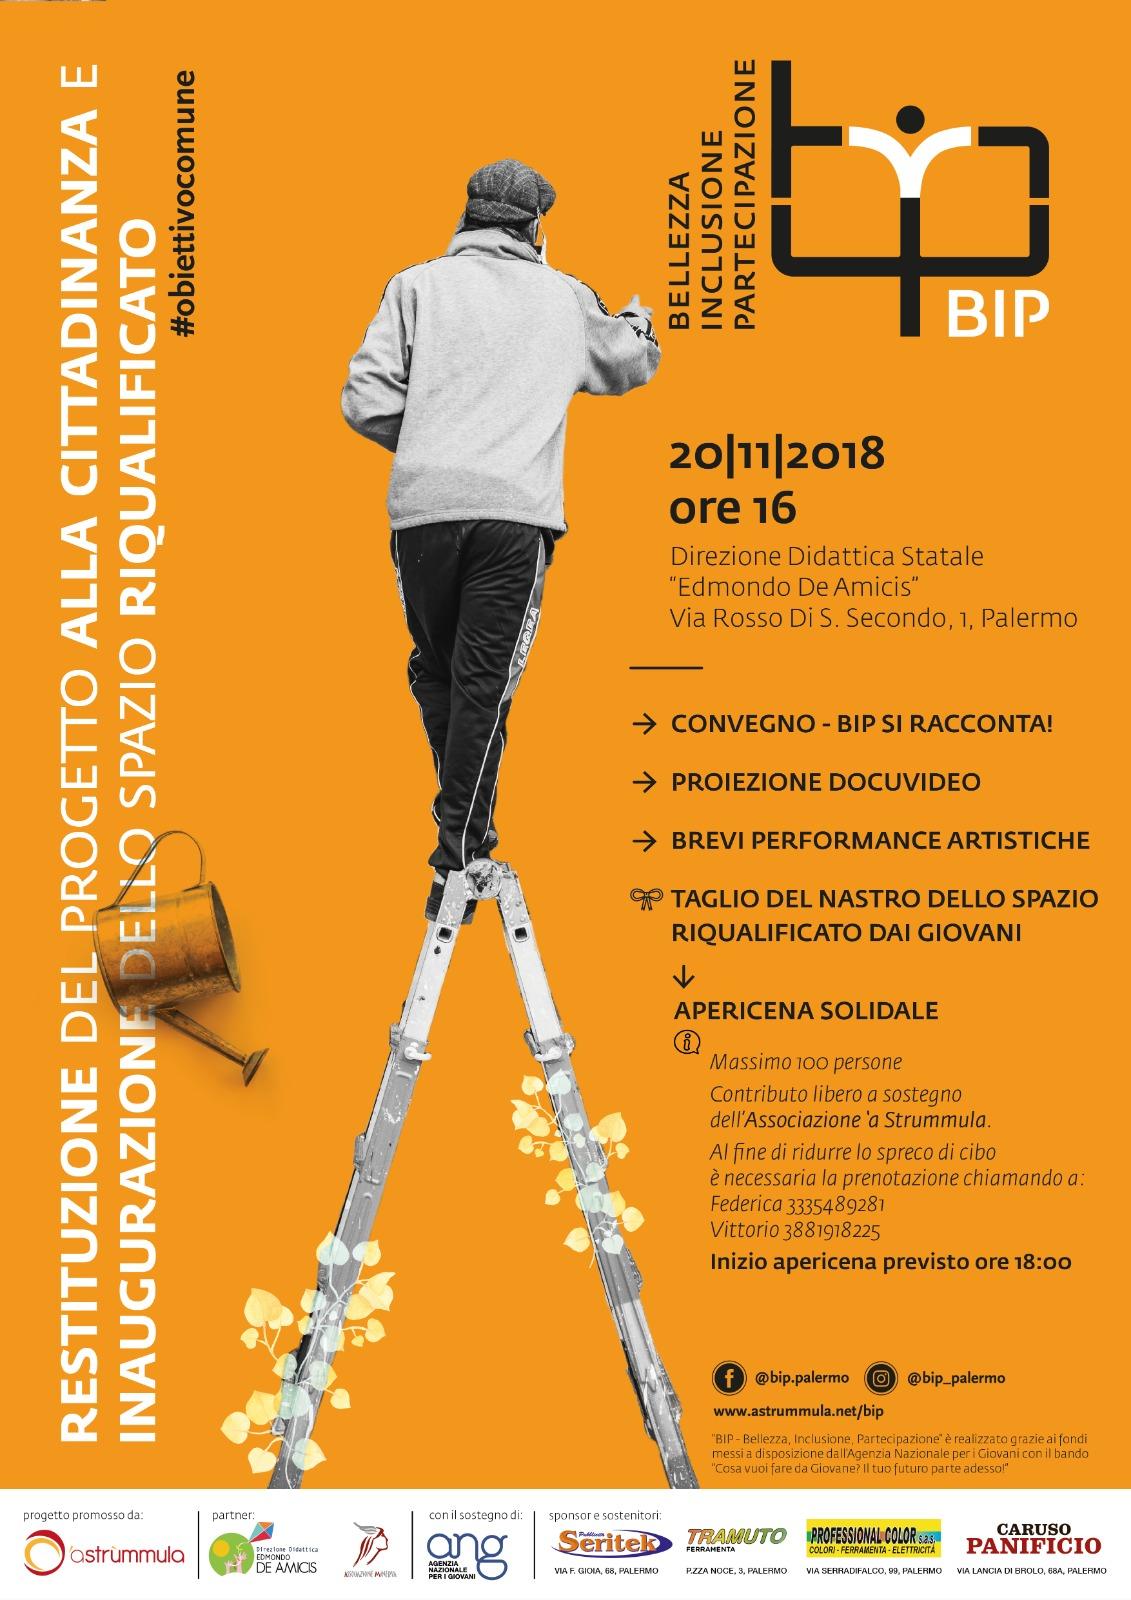 evento-progetto-bip.jpg